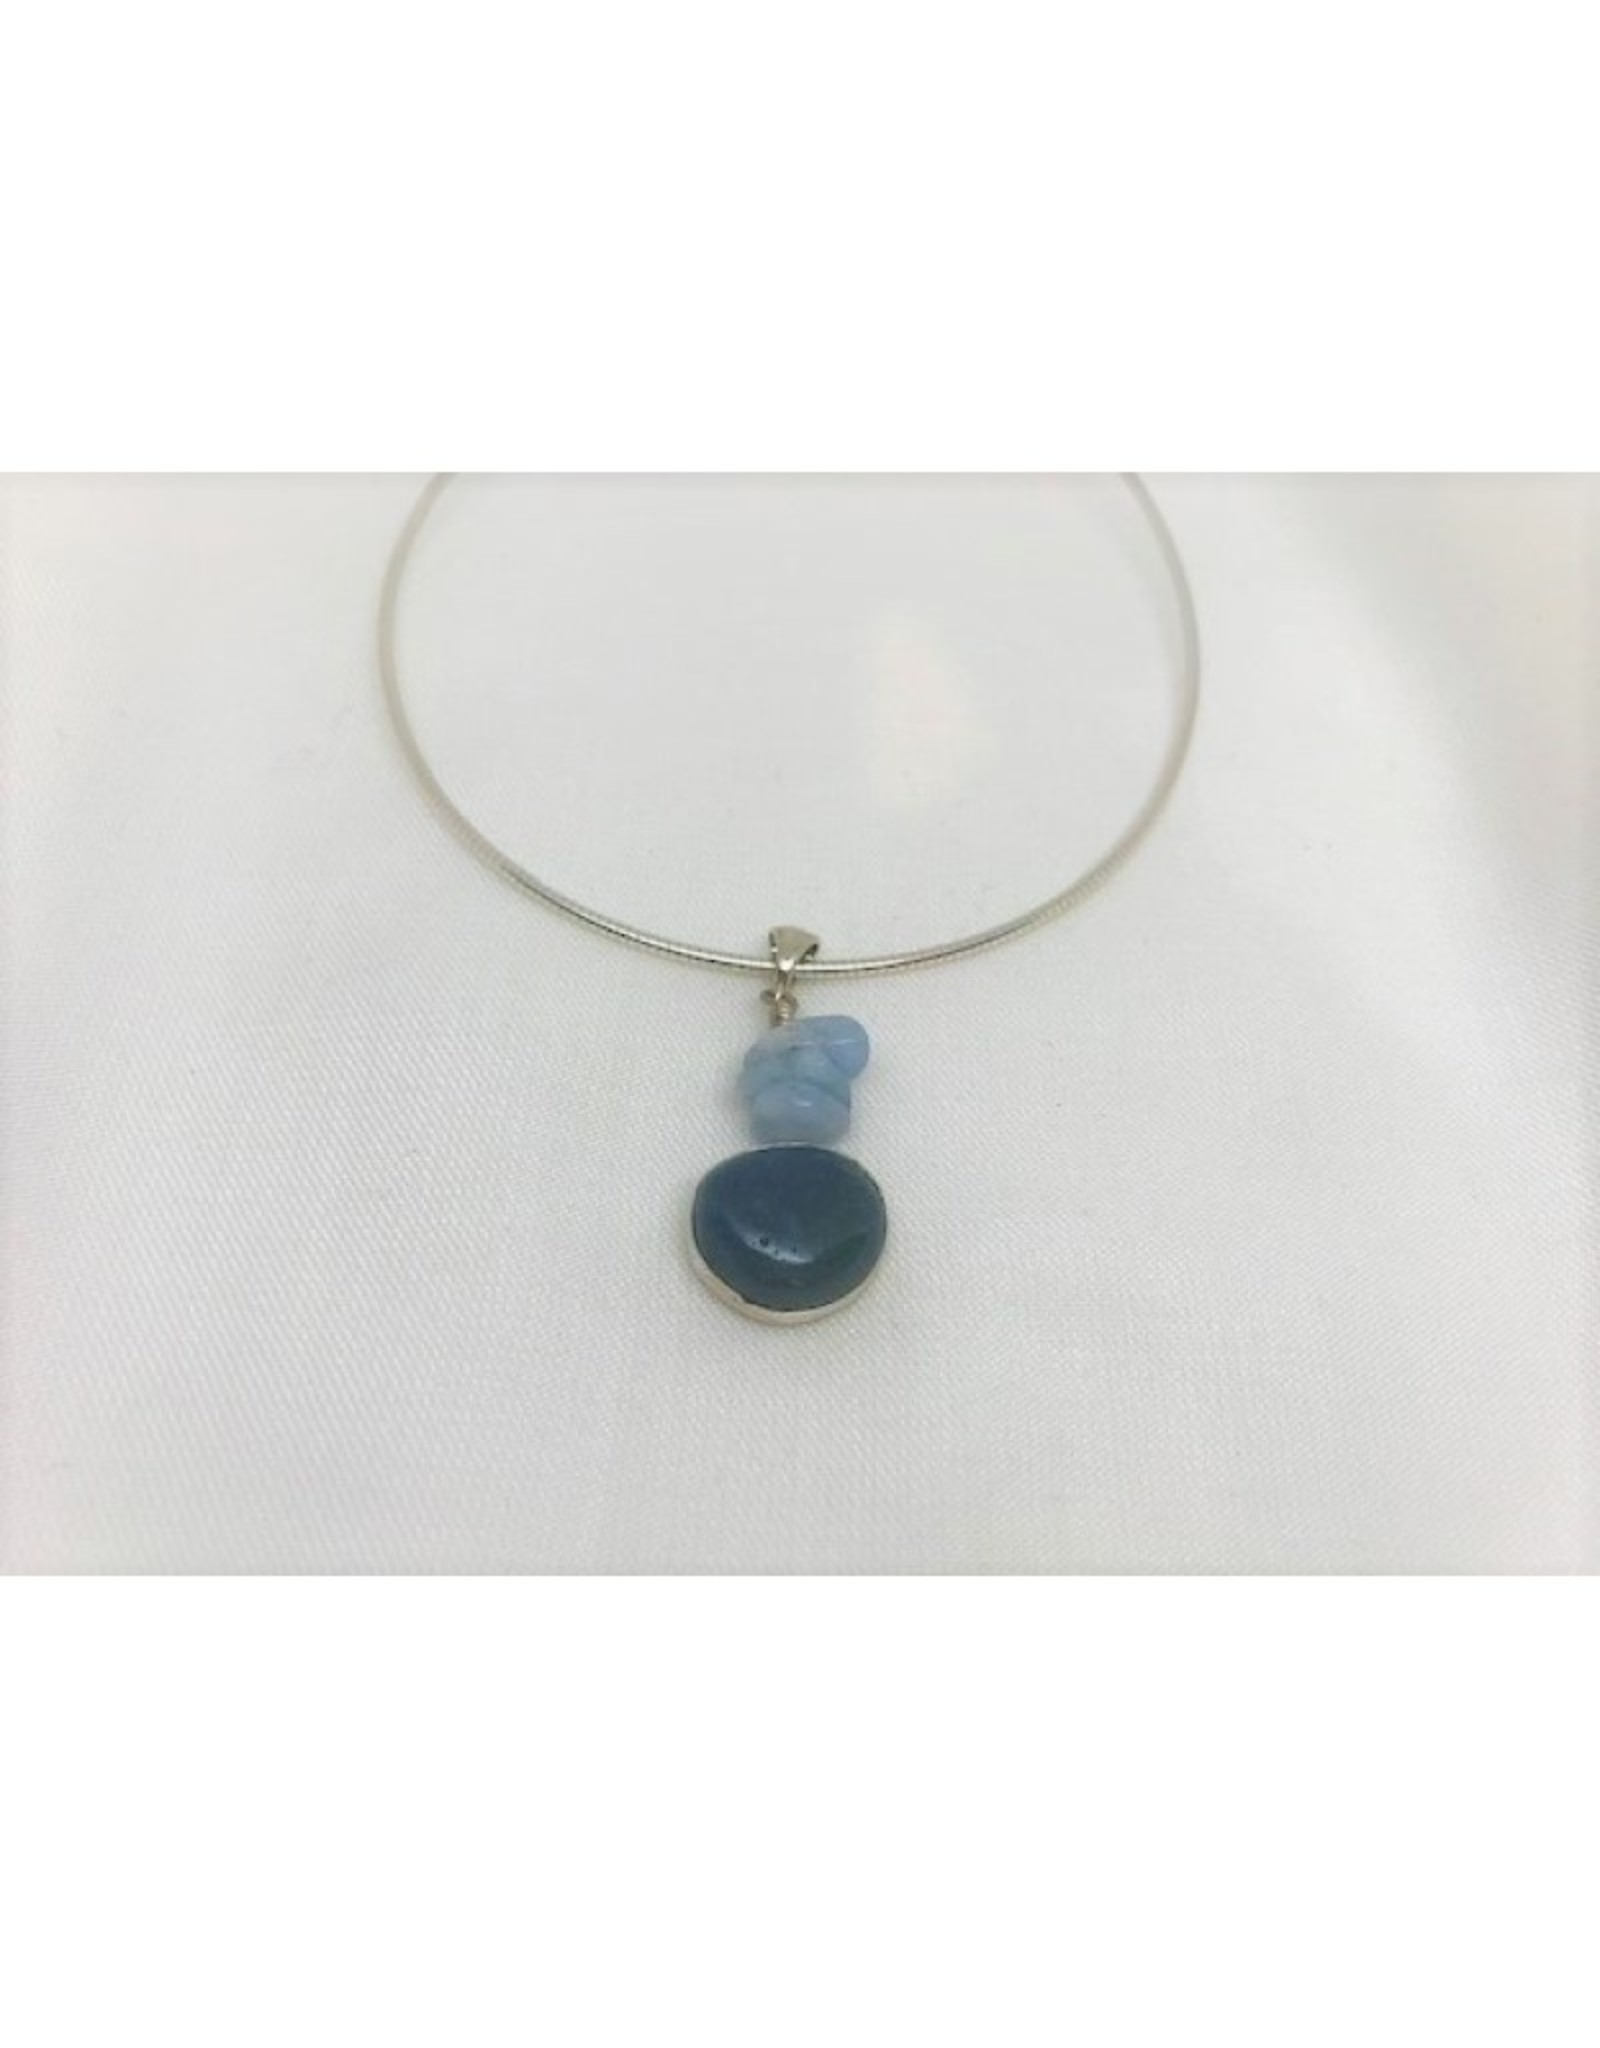 Cabochon Necklace Pendant - Aquamarine & Leland Blue